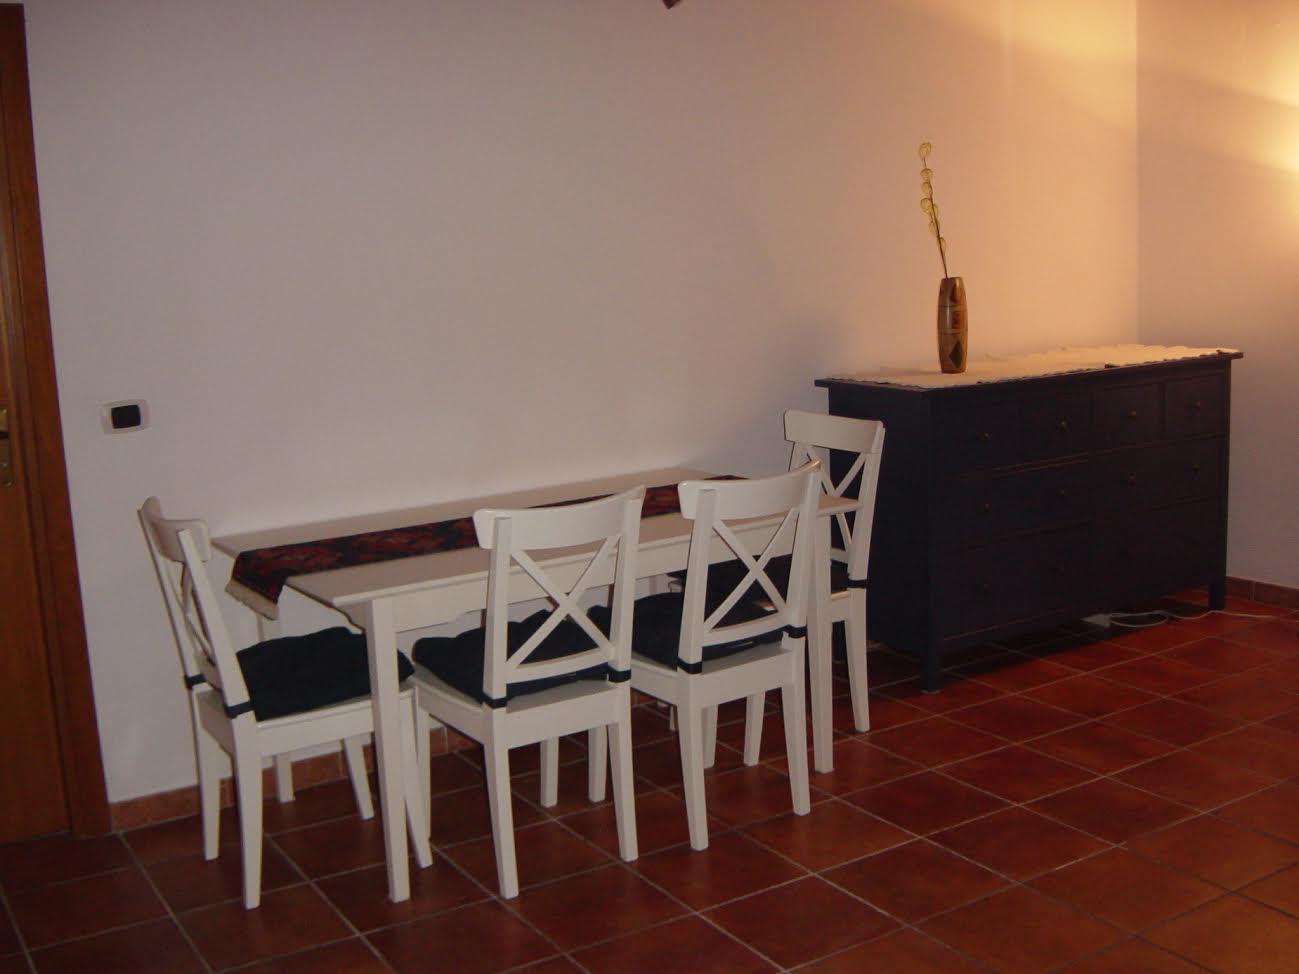 Appartamento in vendita in vicolo ges e maria a palazzo - Immobile classe g ...